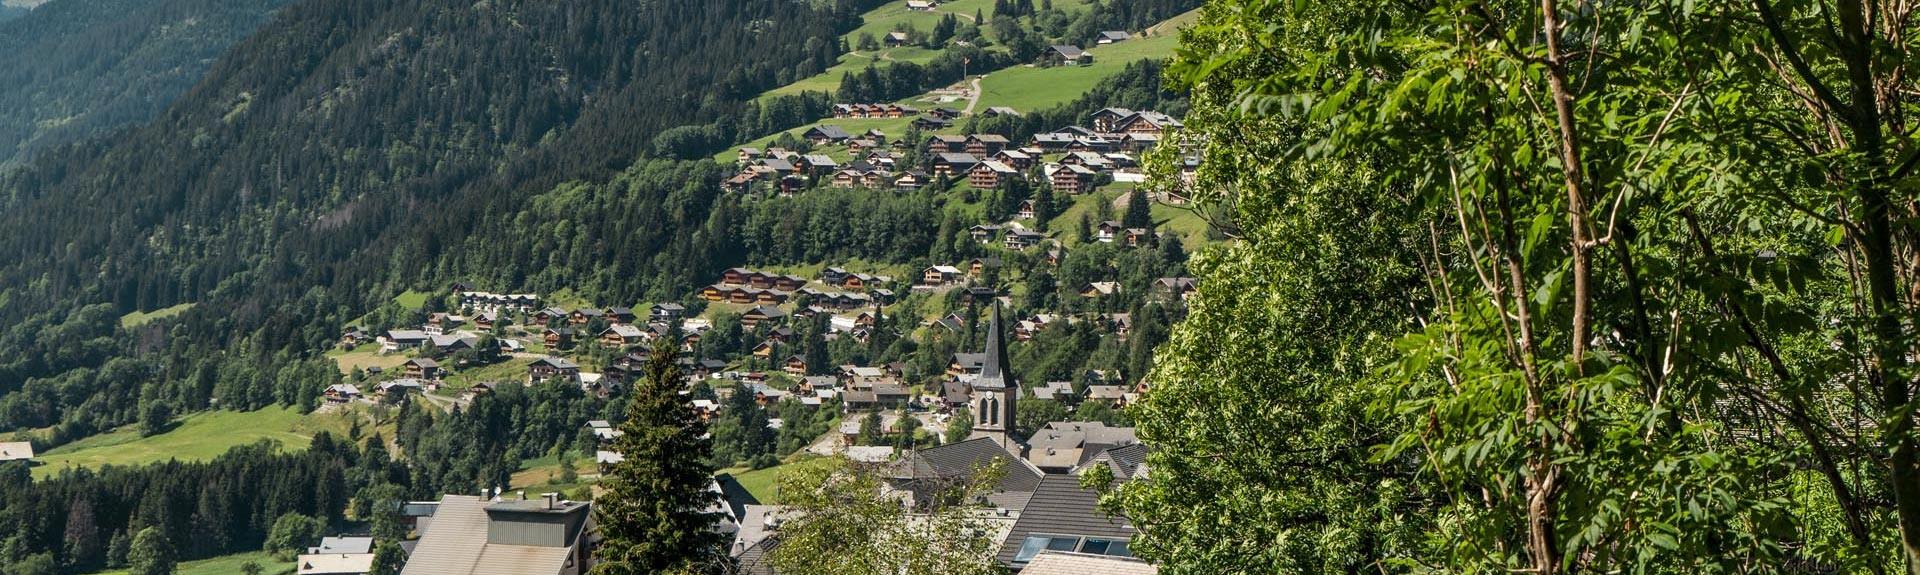 village-ete-4-8546